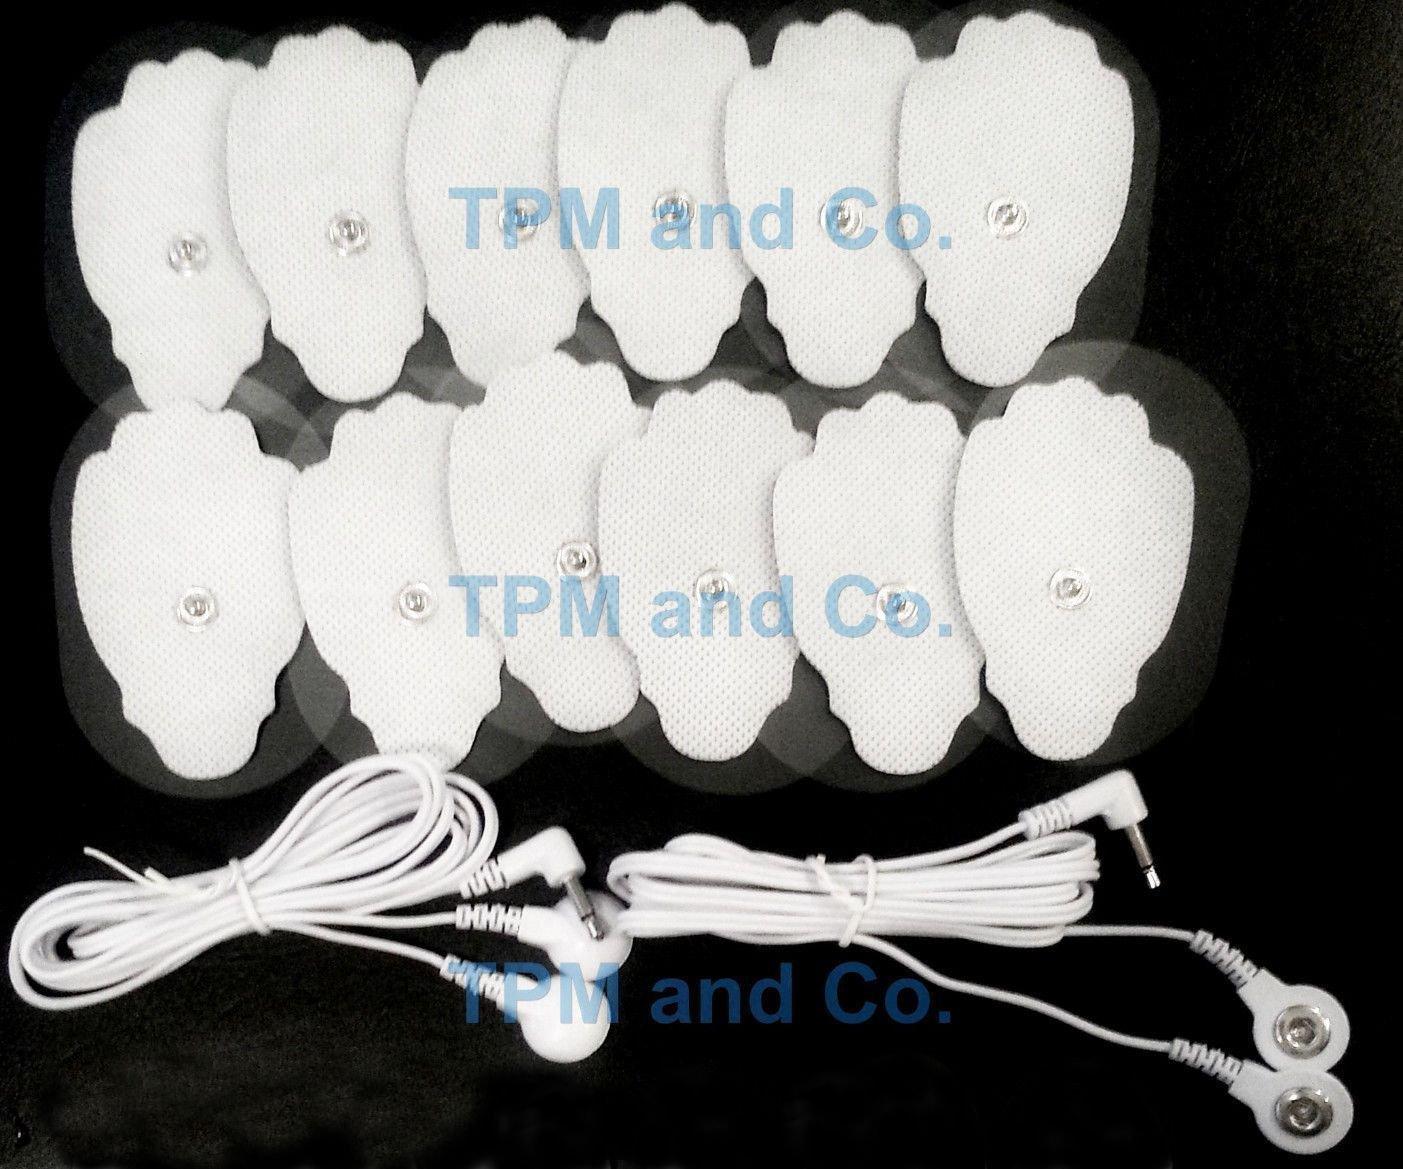 2 ELECTRODE LEAD CABLES(3.5mm Plug)+12 LARGE MASSAGE PADS FOR DIGITAL MASSAGER